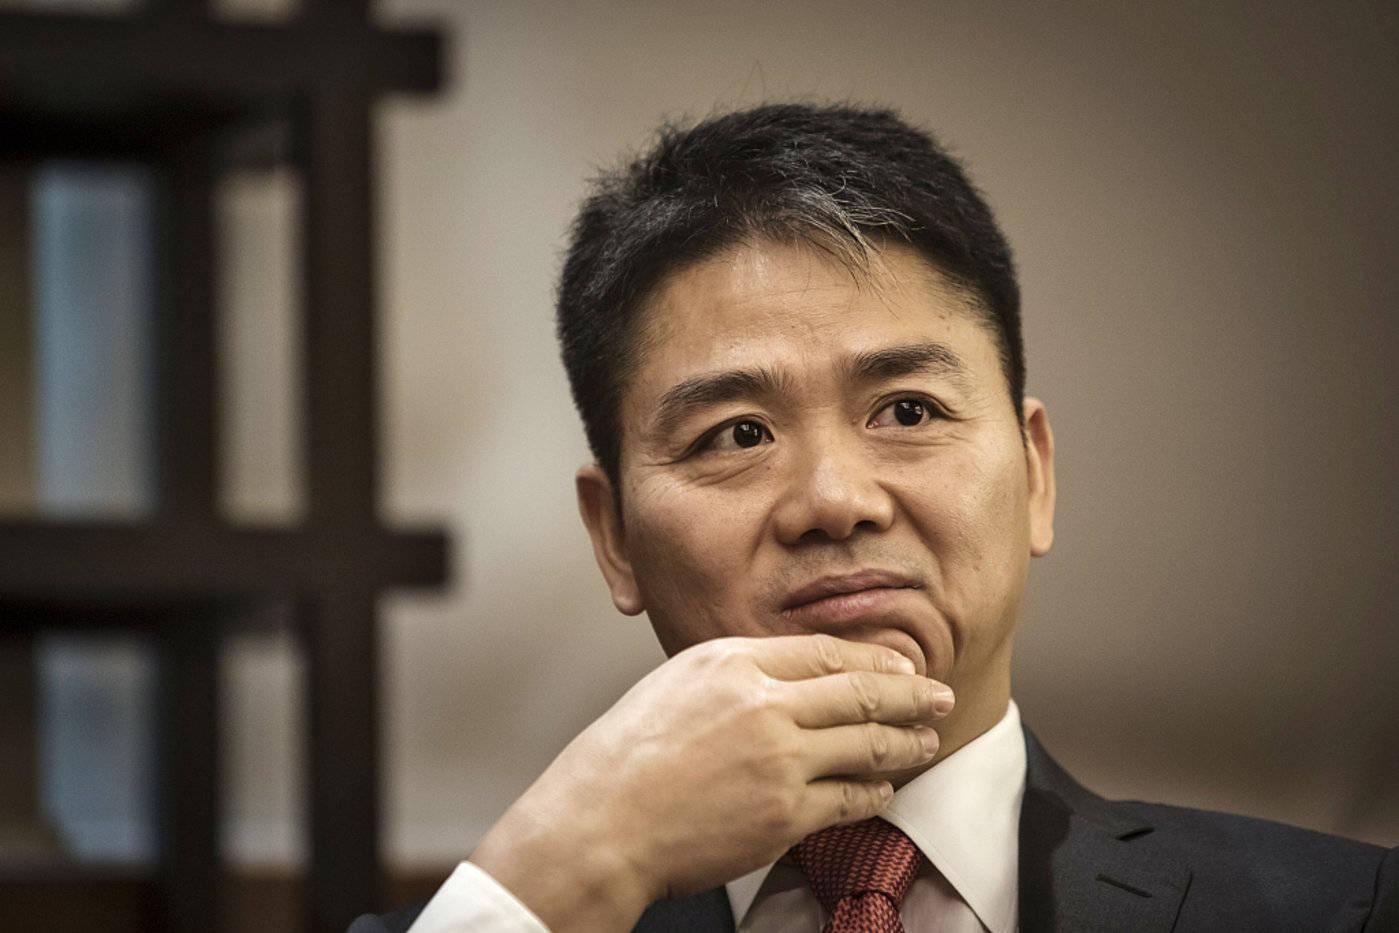 刘强东,即将斩获第四个IPO:估值2500亿  第1张